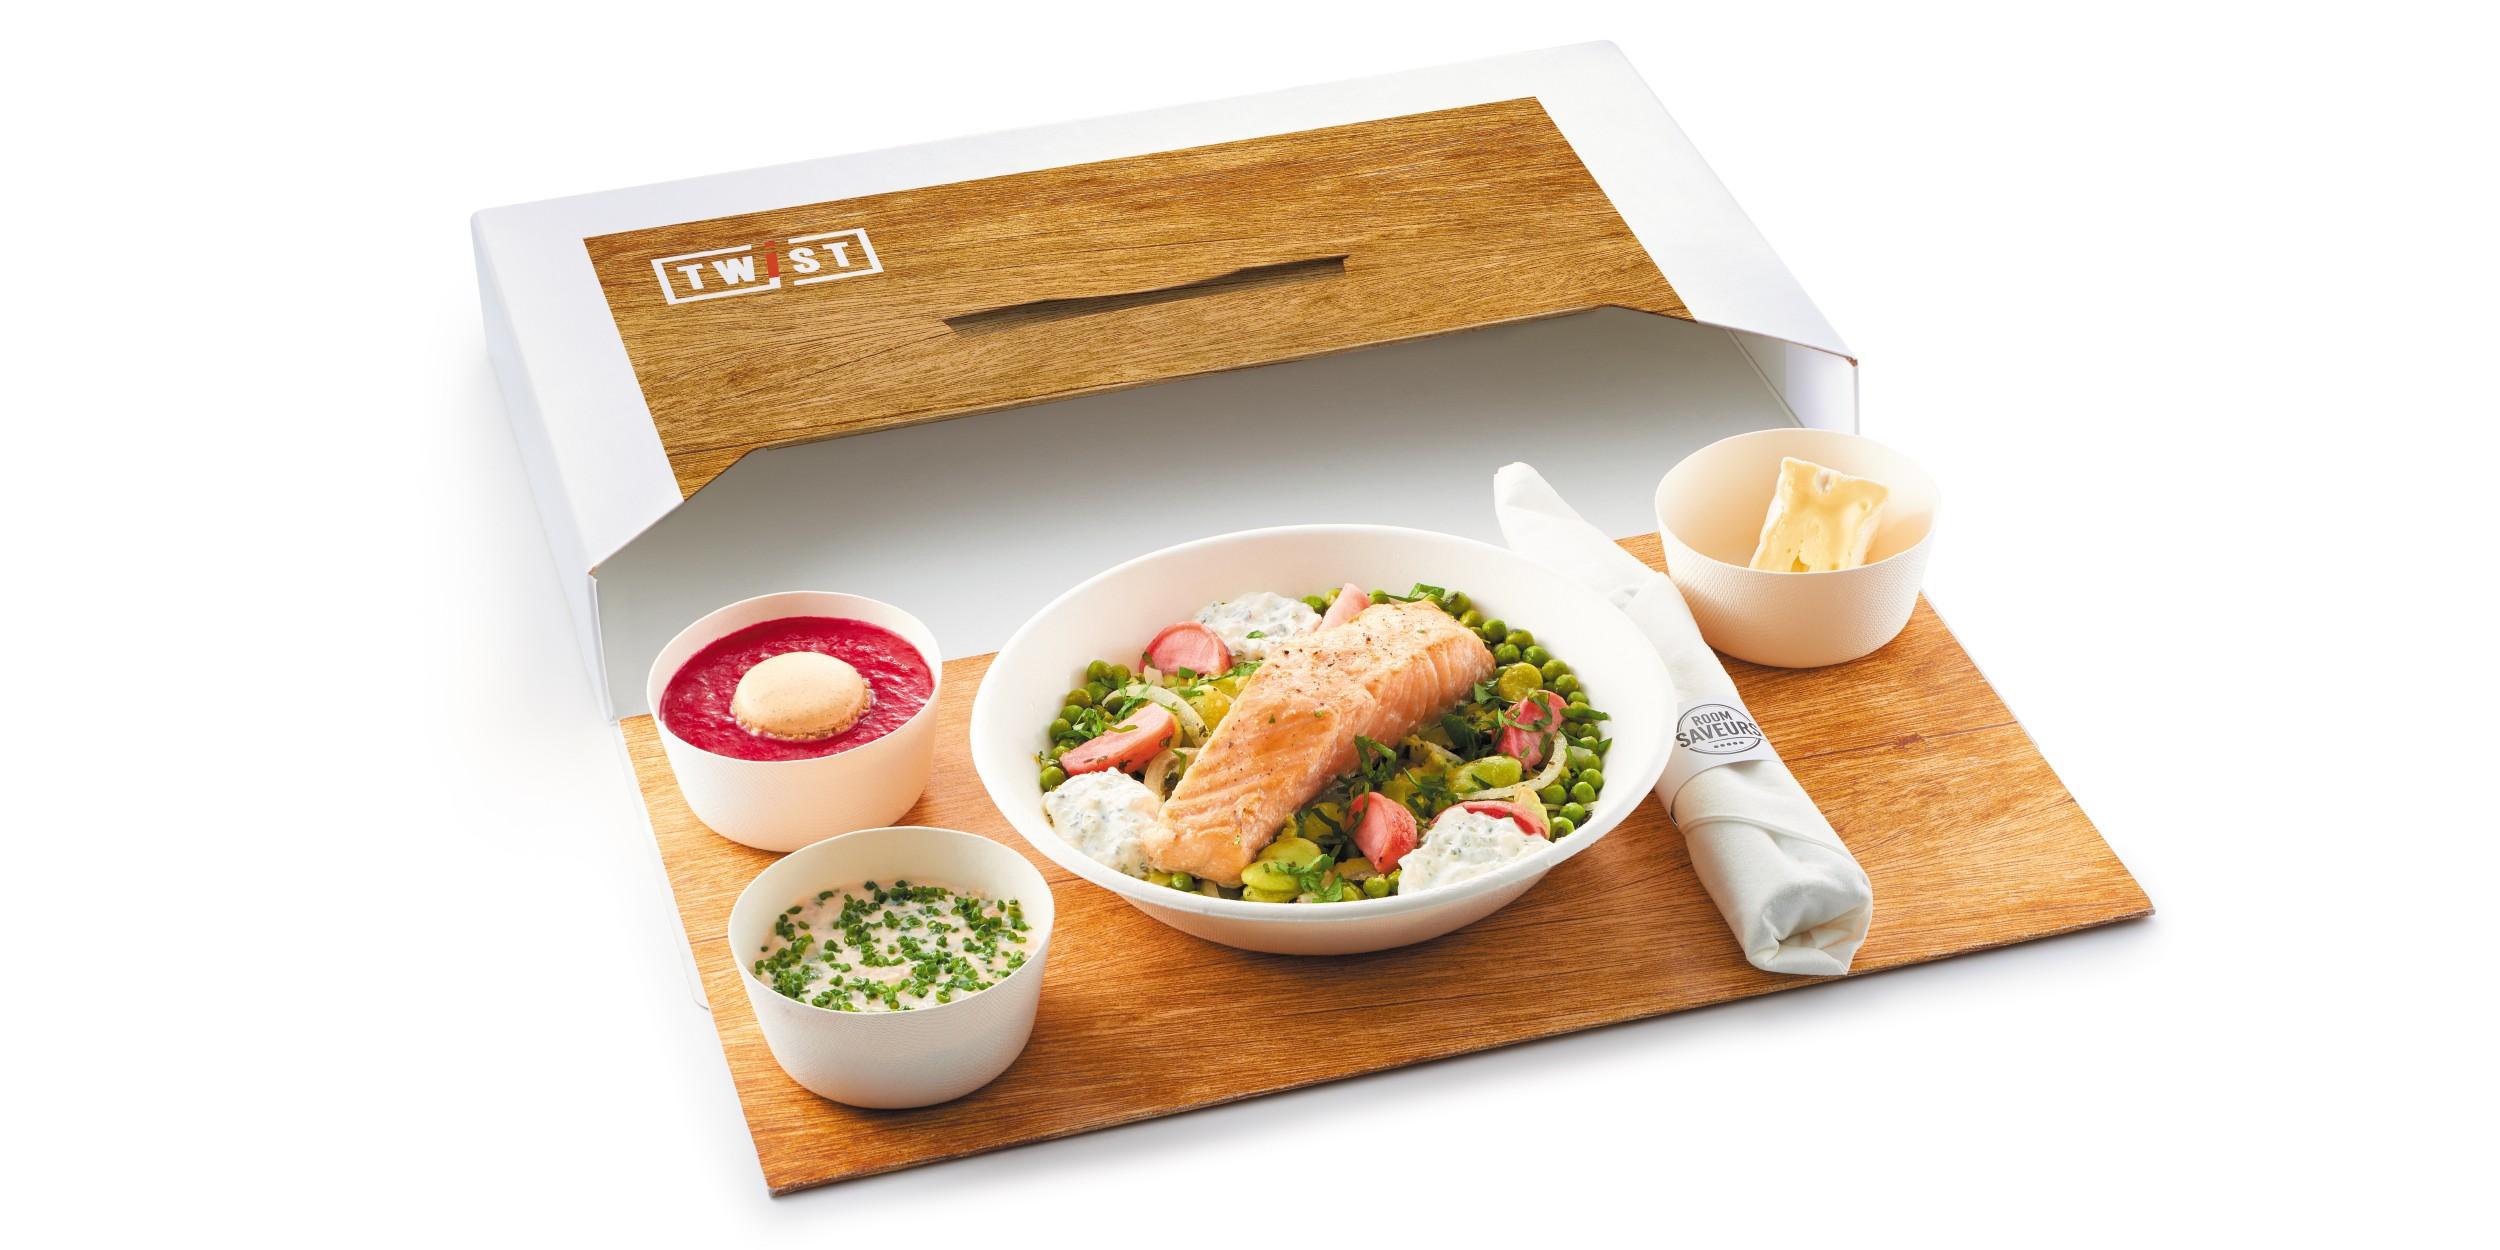 PE19 TWIST PACK OUVERT - ROOM SAVEURS lance la nouvelle génération de coffret repas écoresponsable zéro plastique